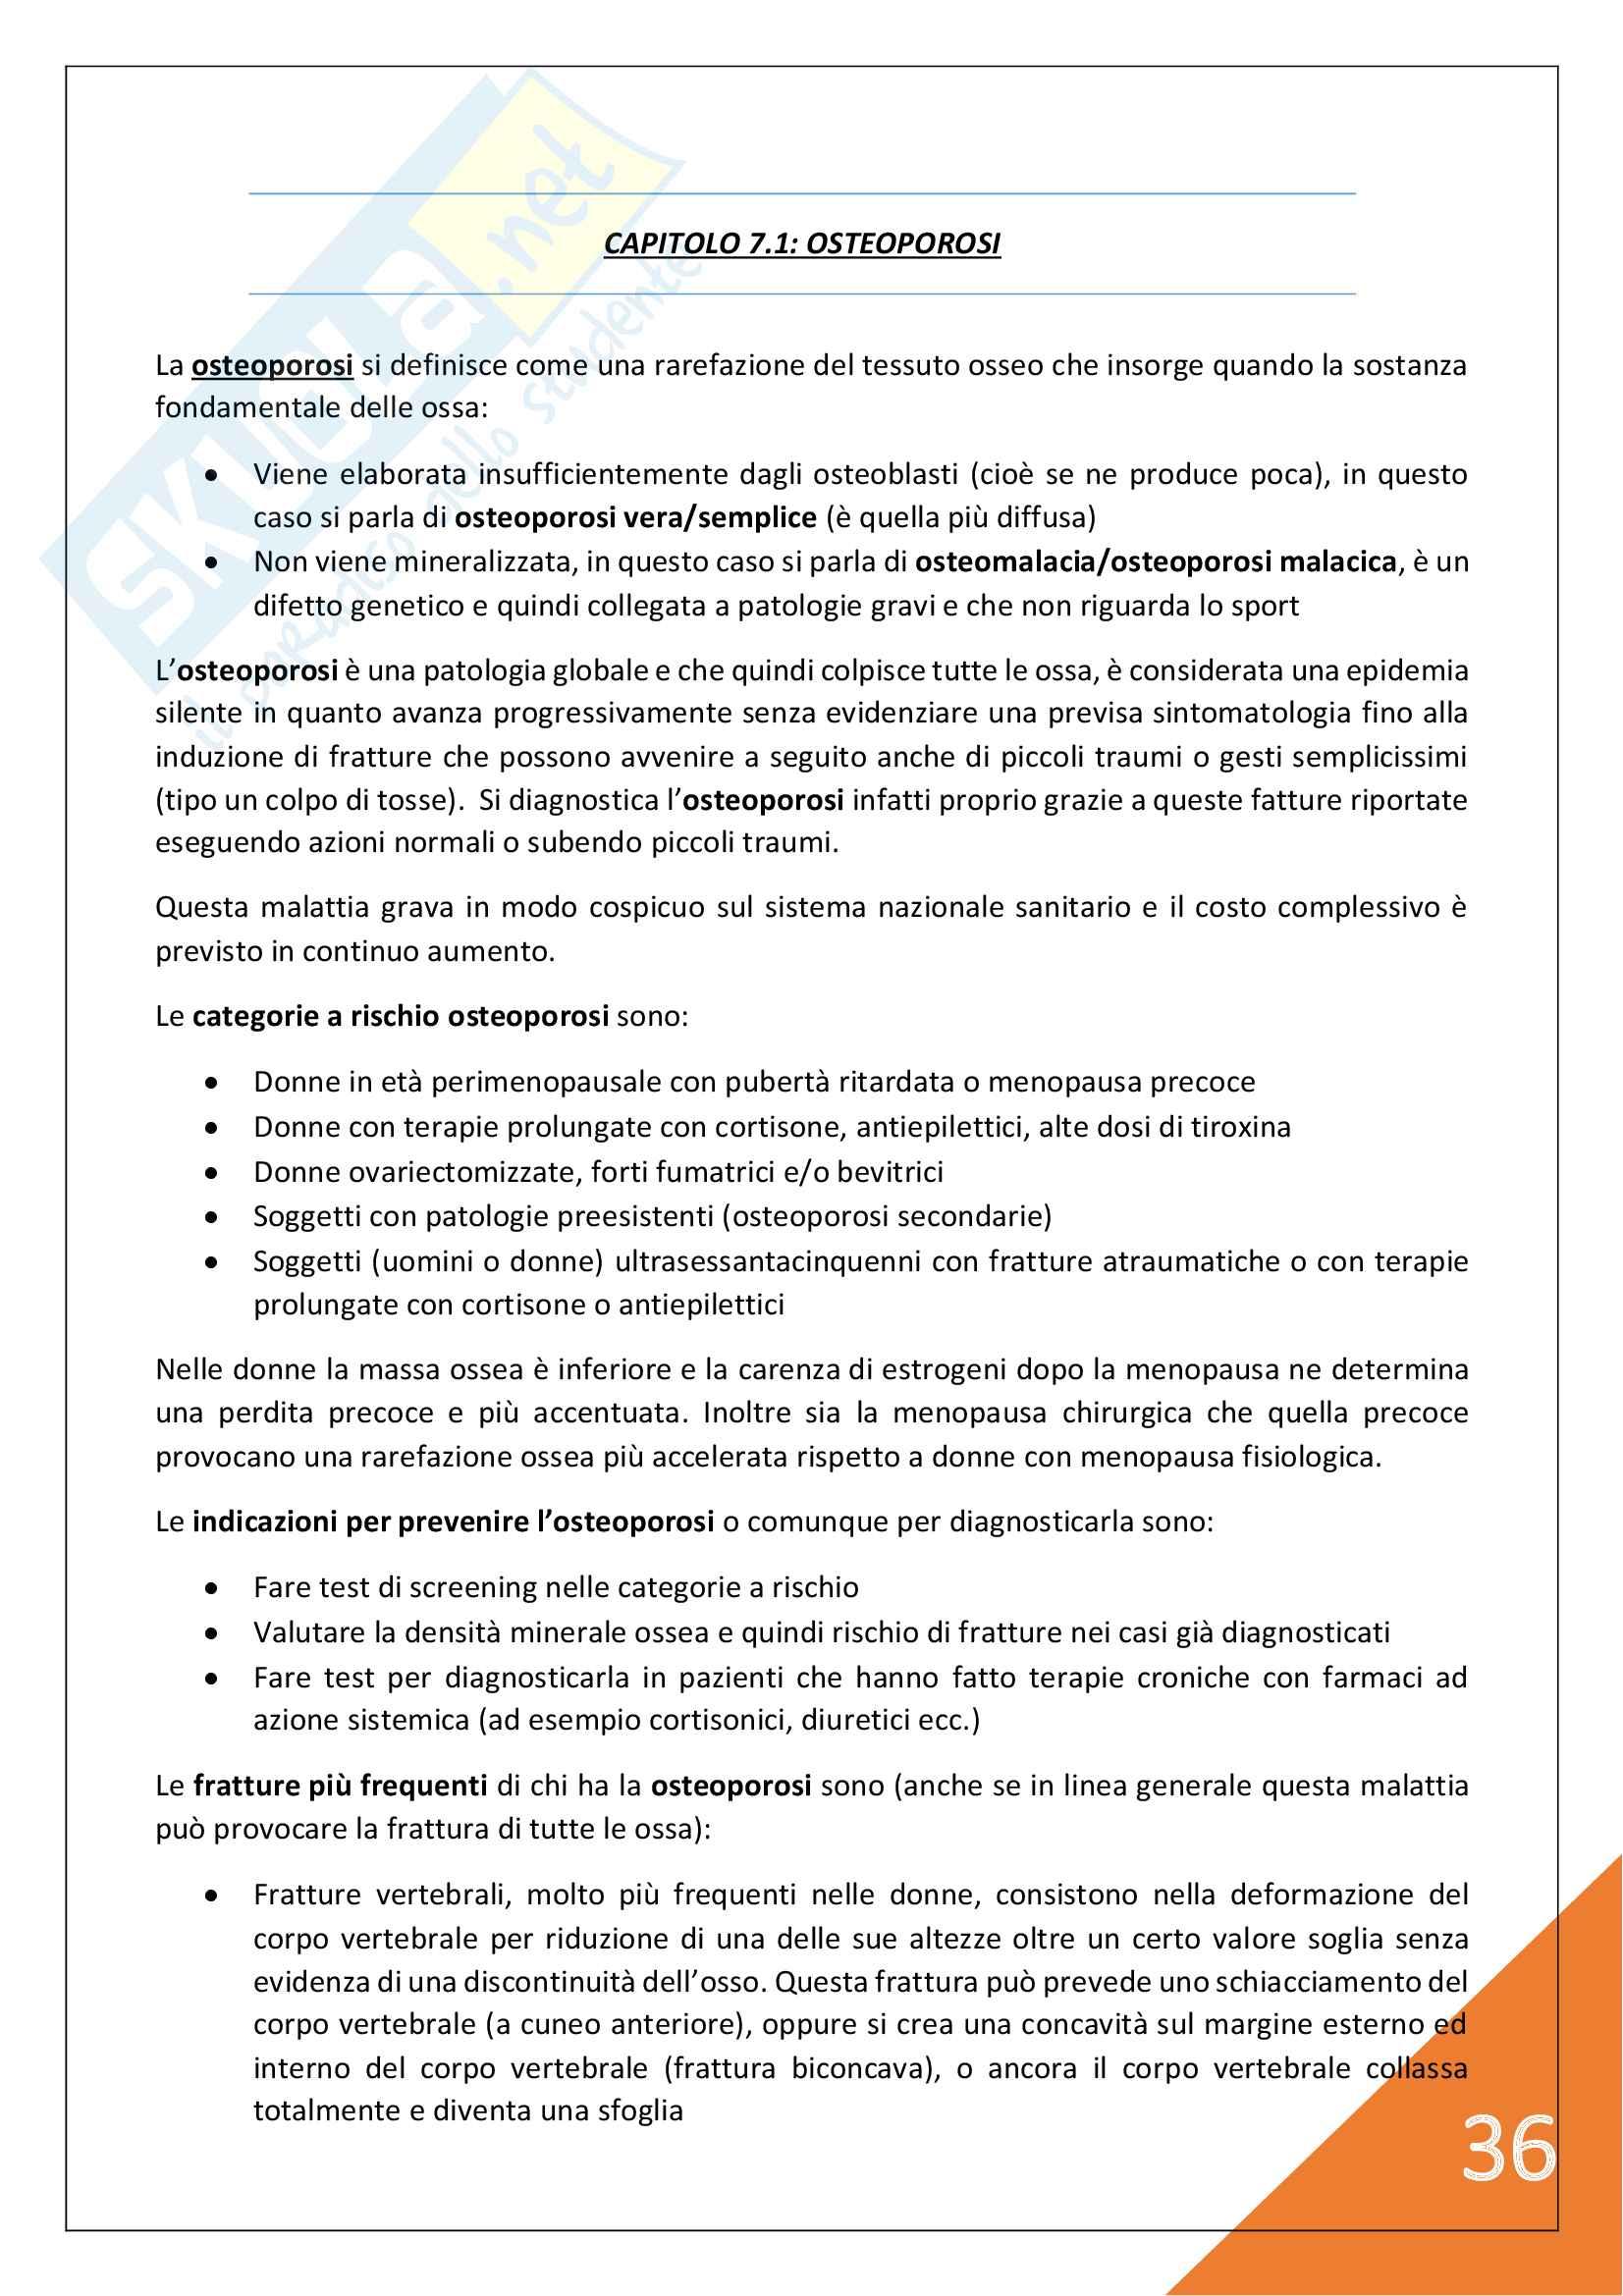 Diagnostica per Immagini - 3° Anno Pag. 36